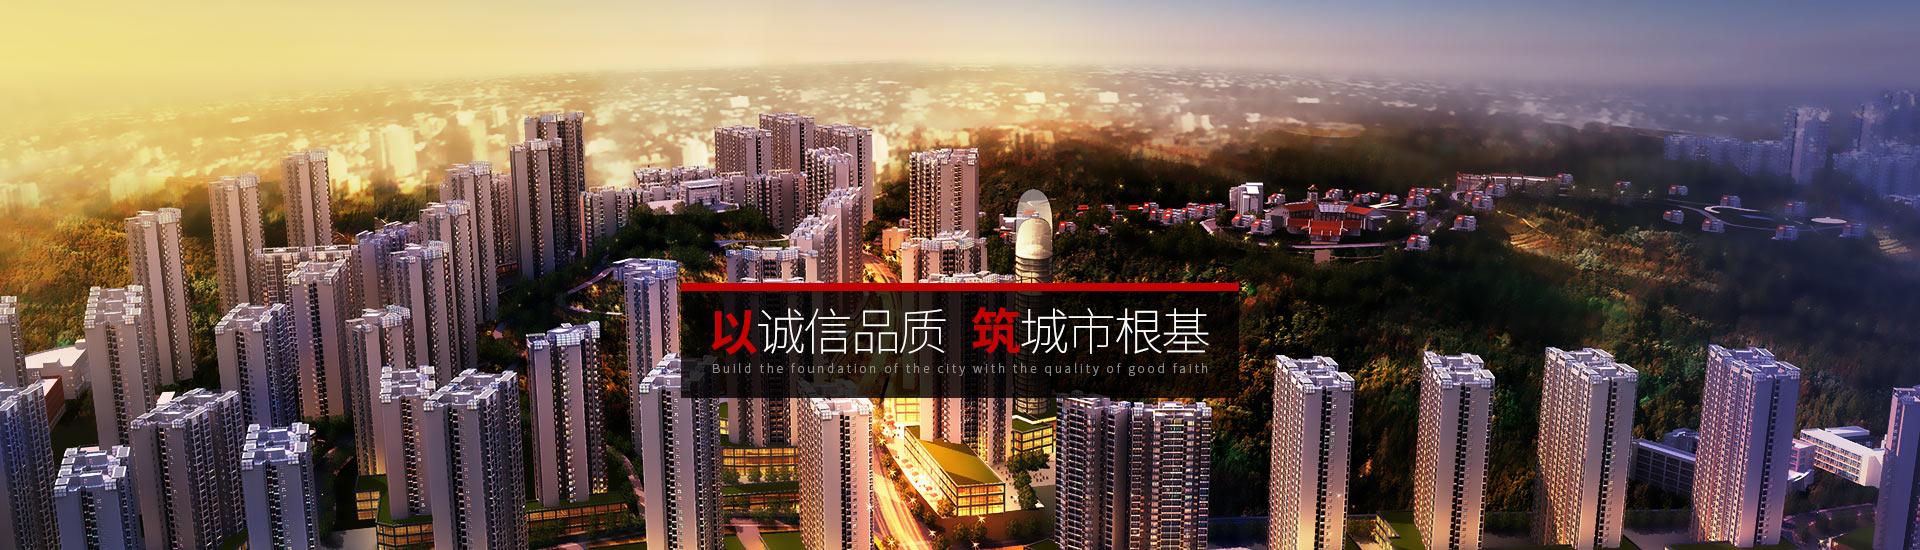 市建院-以诚信品质,筑城市根基